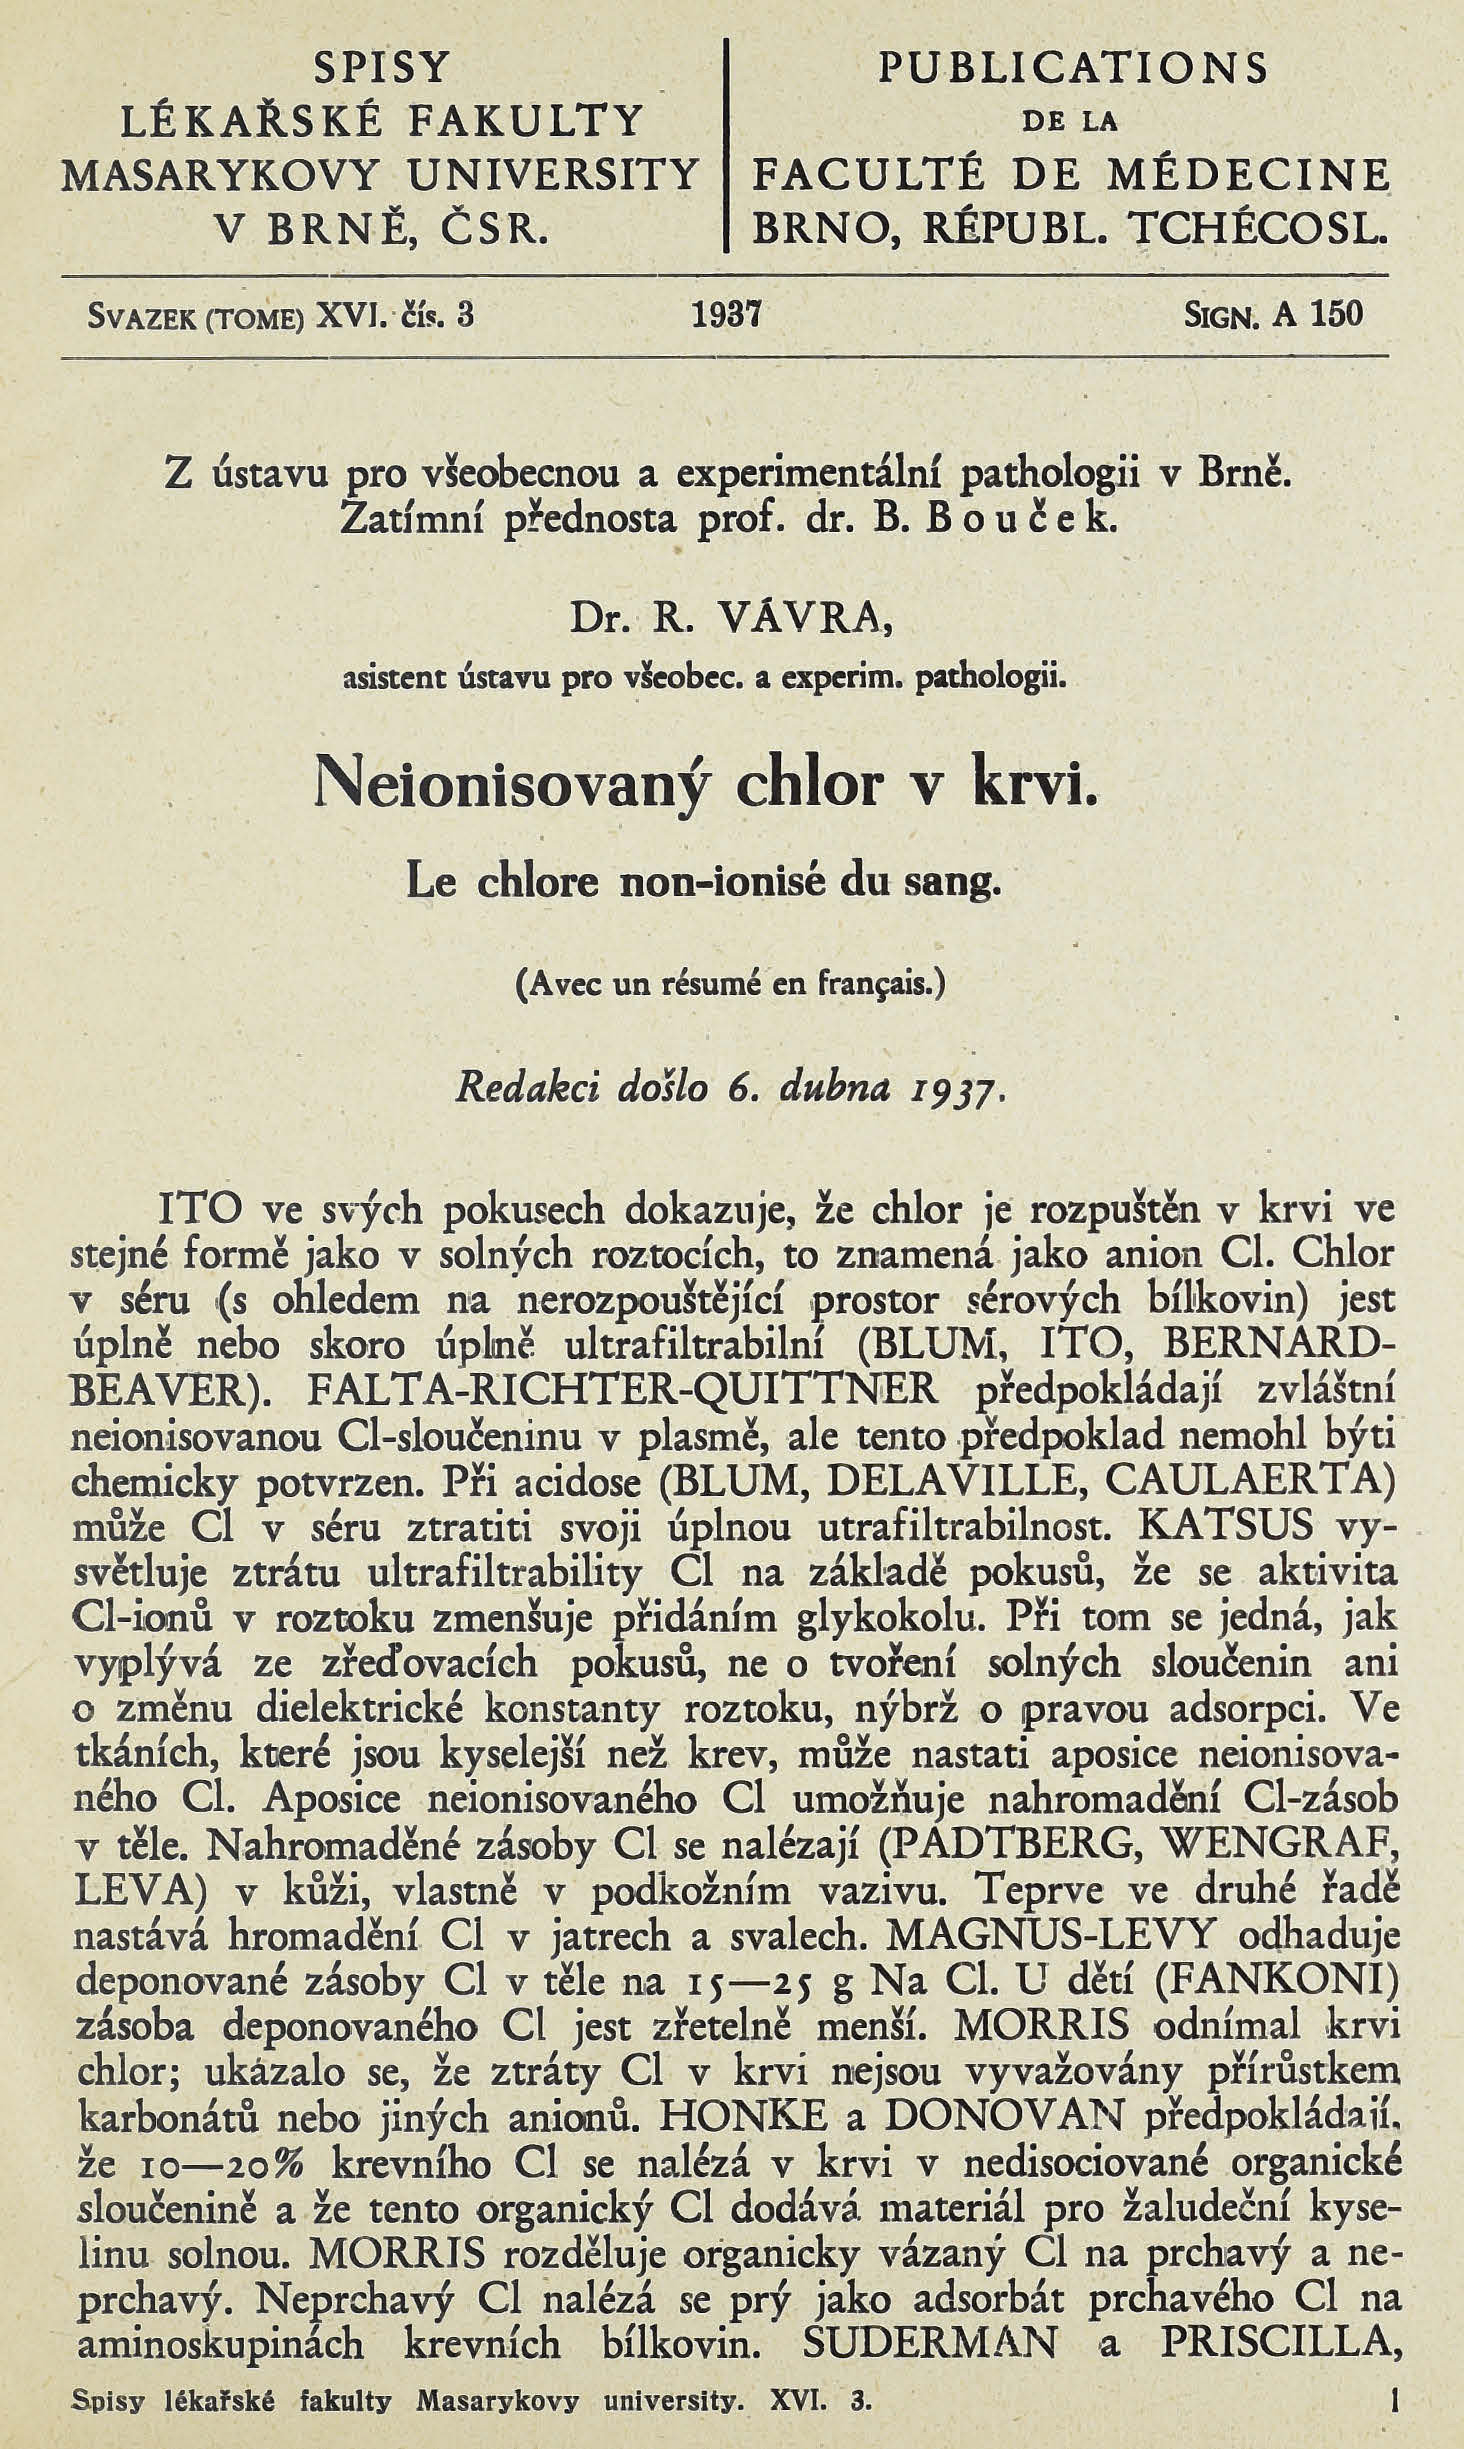 Obálka pro Neionisovaný chlor v krvi / Le chlore non-ionisé du sang / Le chlore non-ionisé du sang